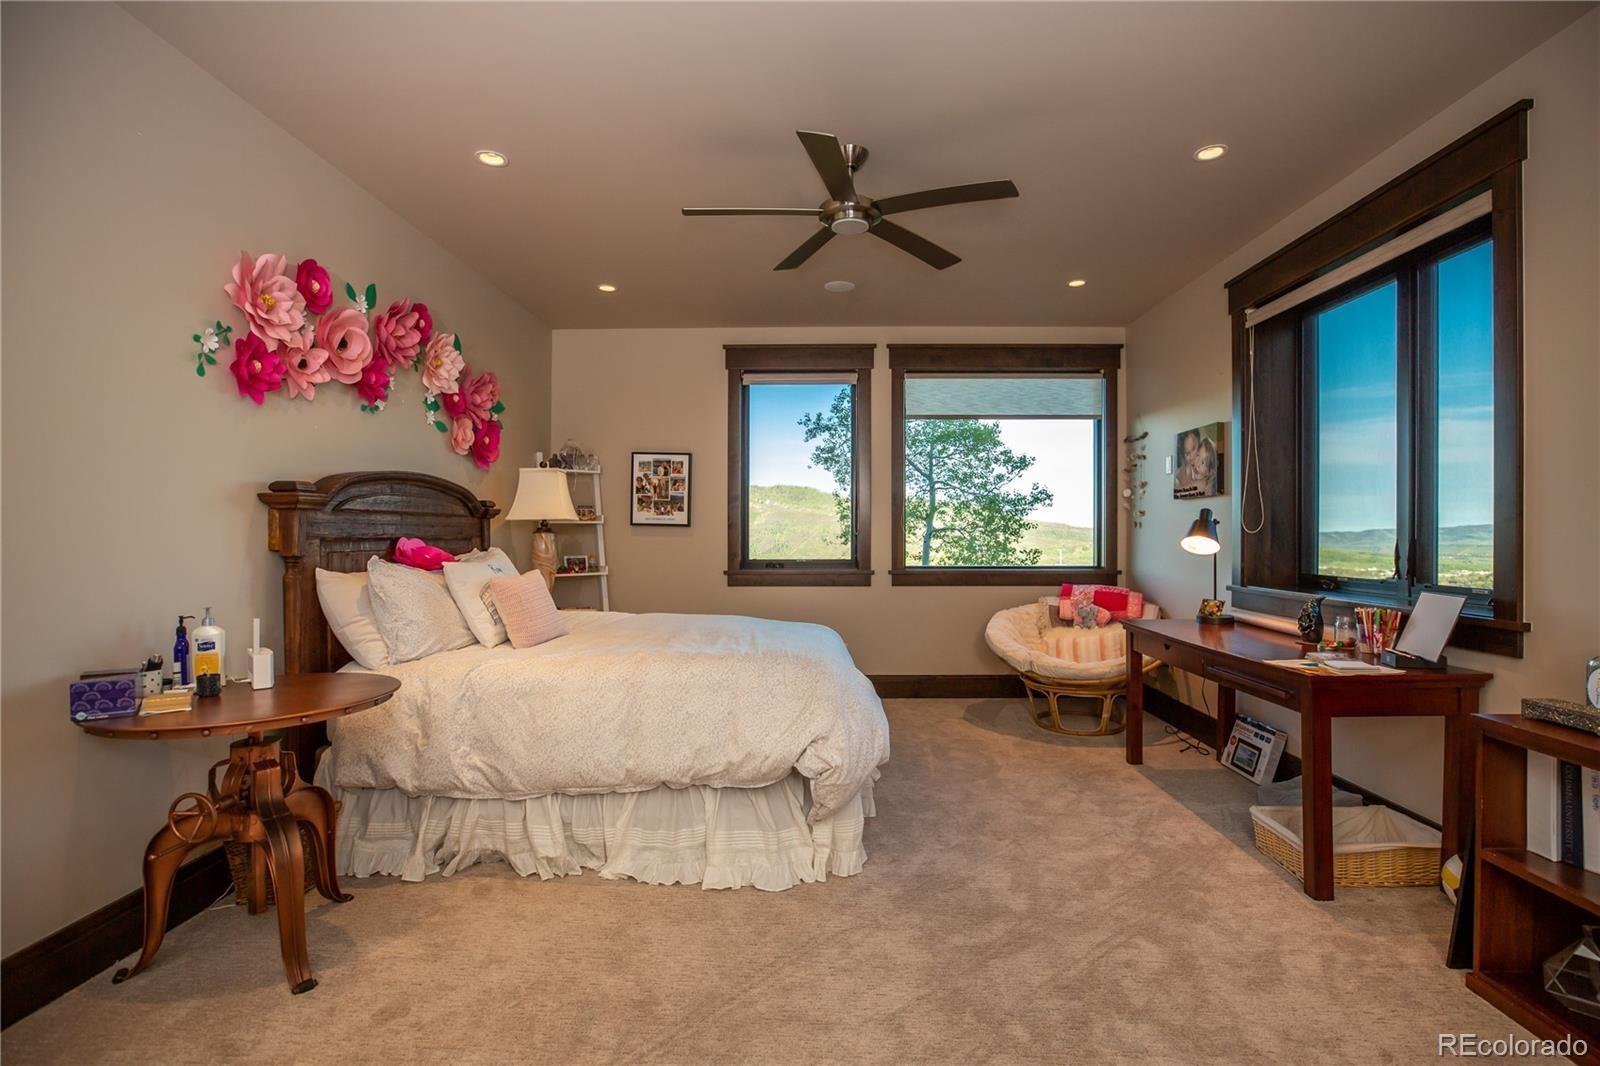 MLS# 5306672 - 33 - 145 Deer Clover Lane, Steamboat Springs, CO 80487